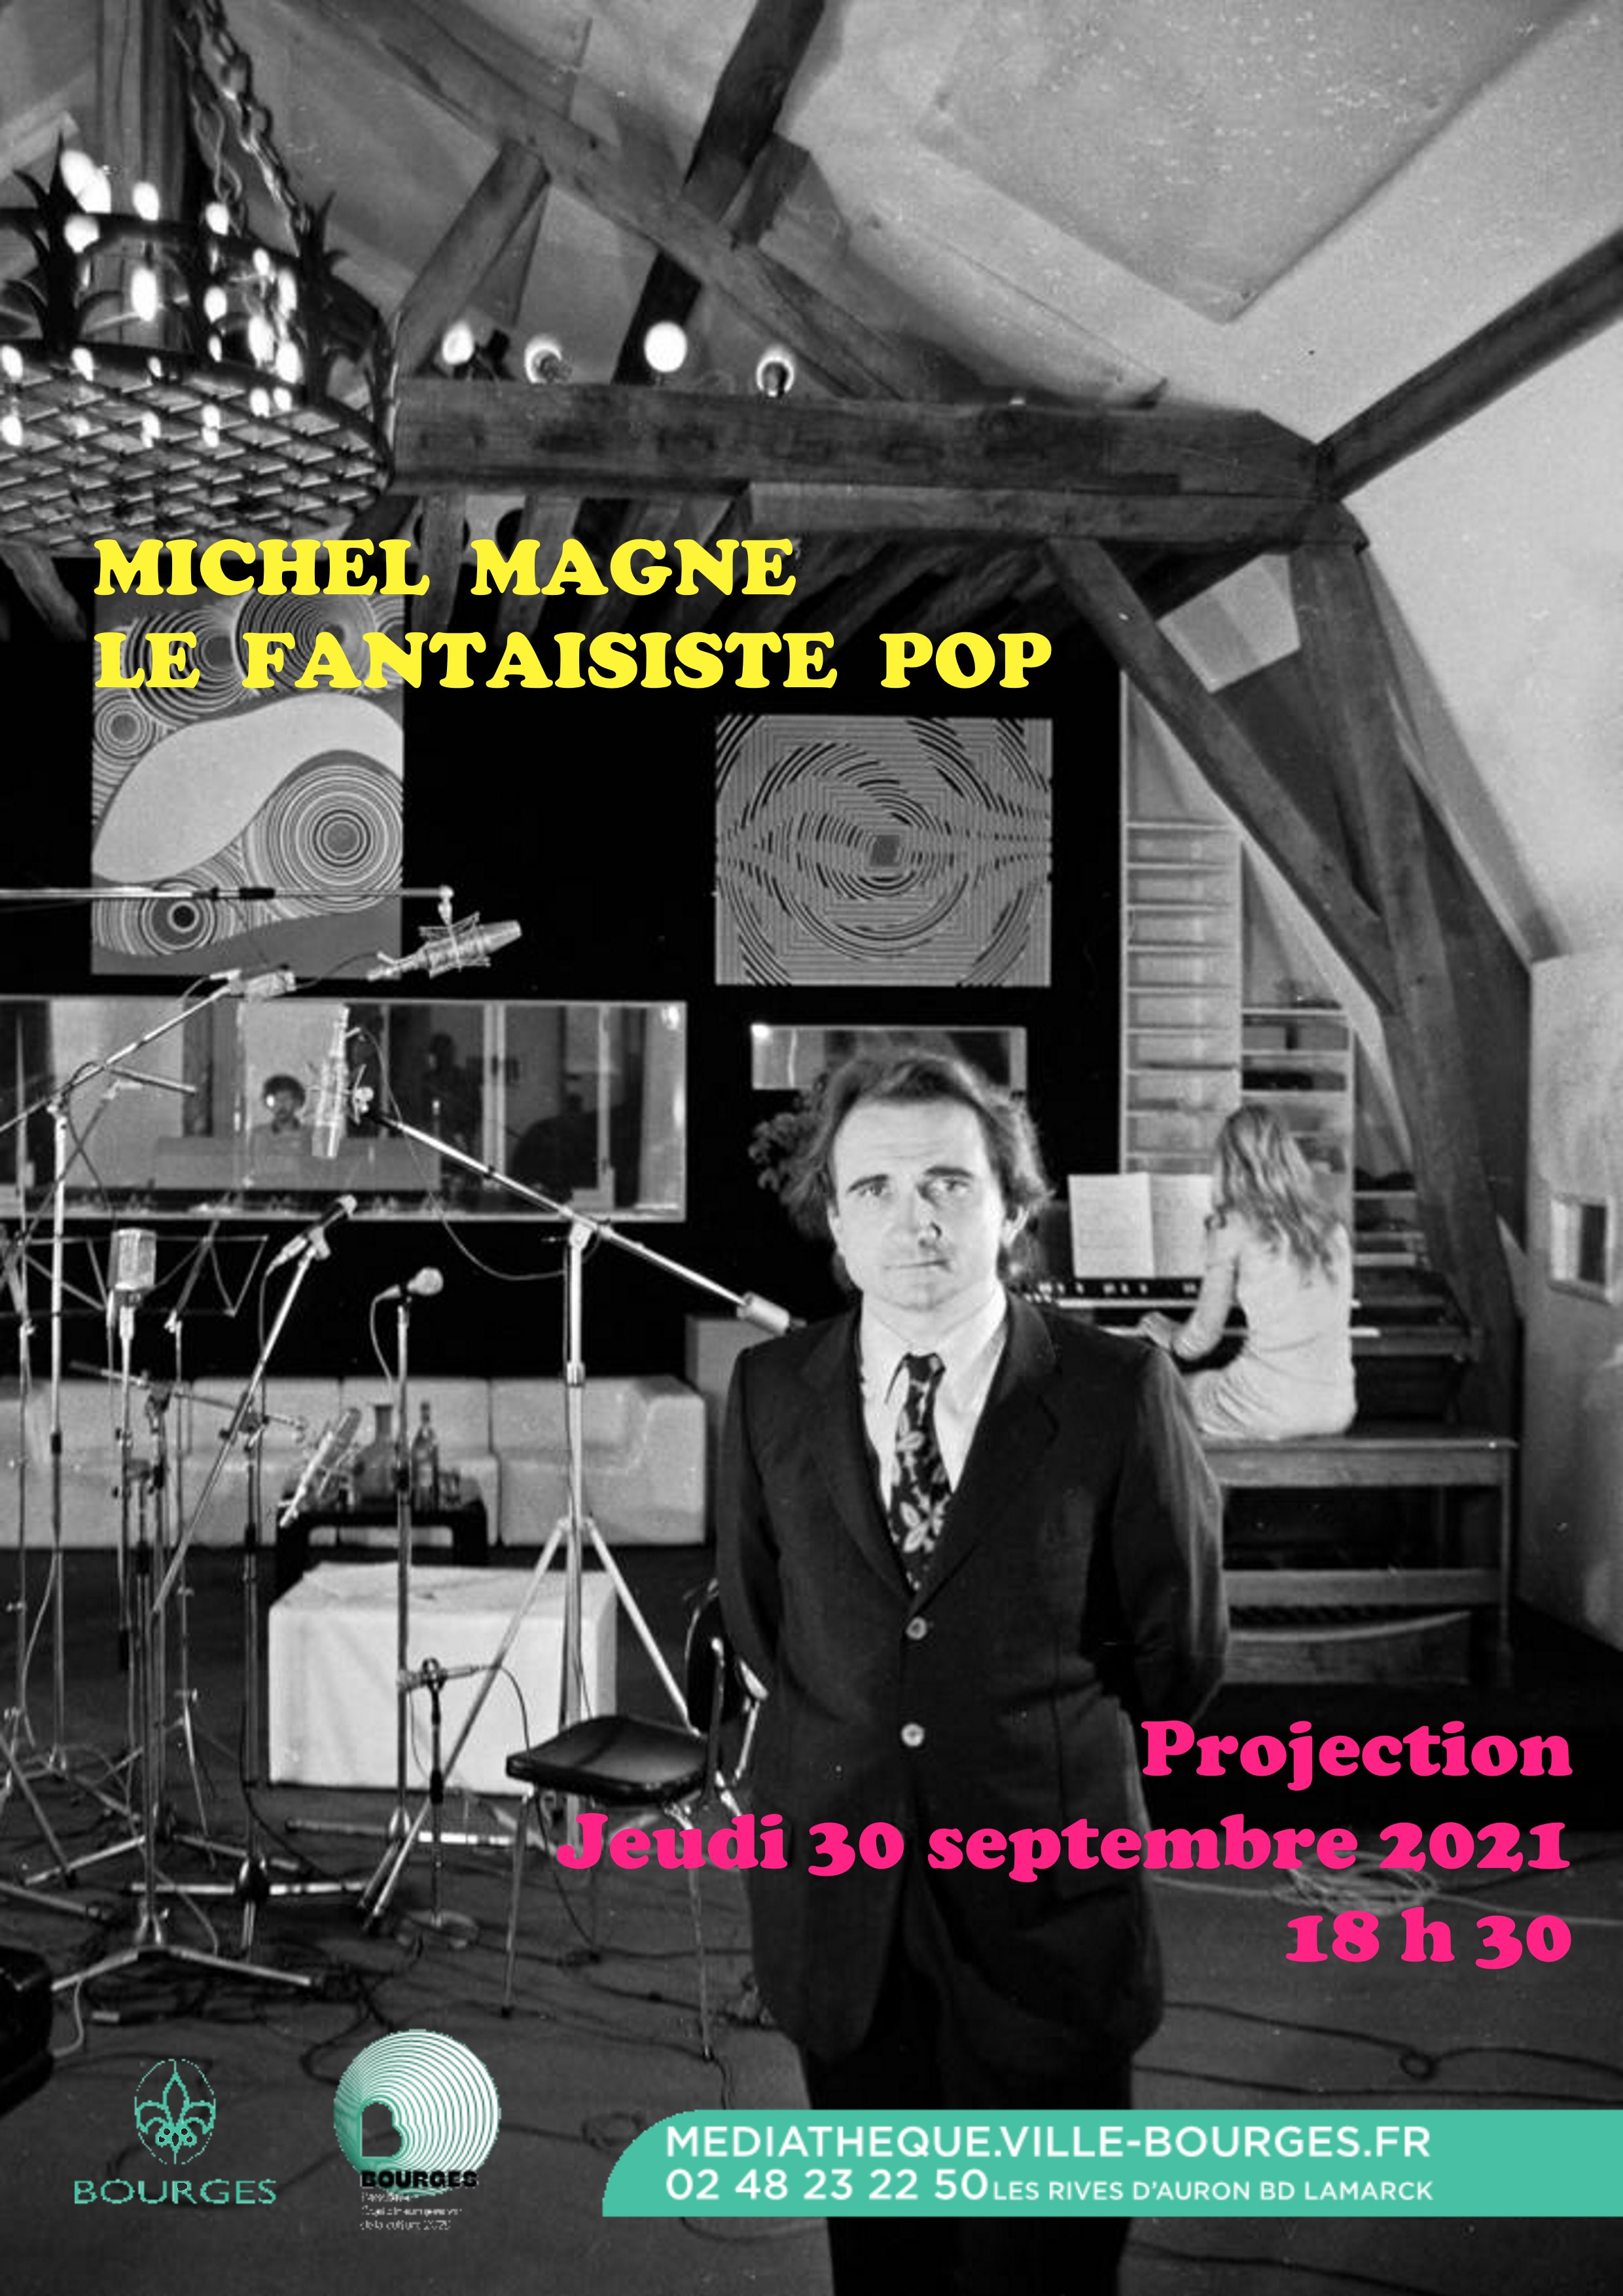 Michel Magne, le fantaisiste pop  